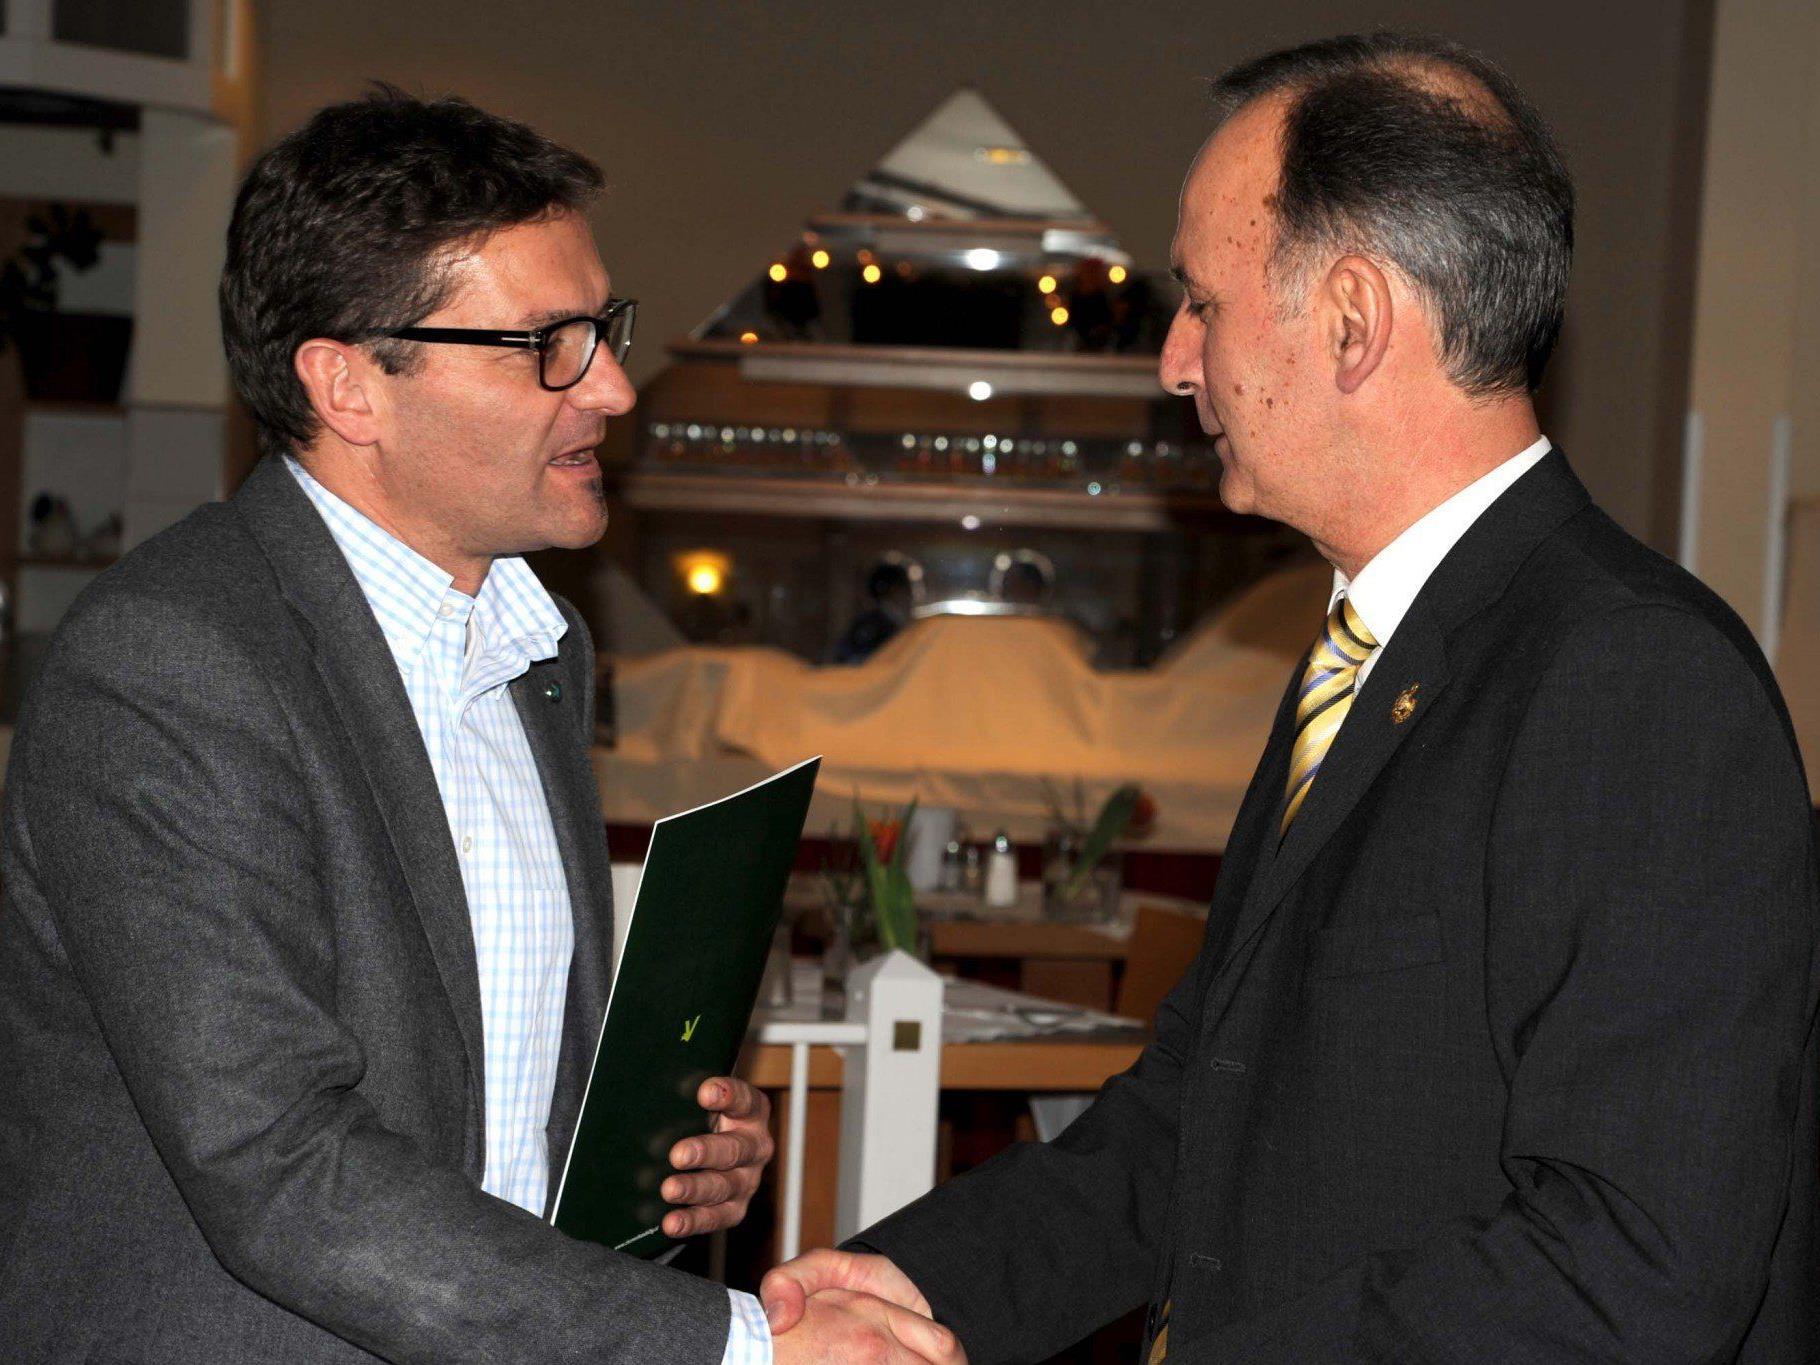 Der 2. Vorstand Claus Brändle gratuliert dem neuen Ehrenmitglied Kurt Deuring